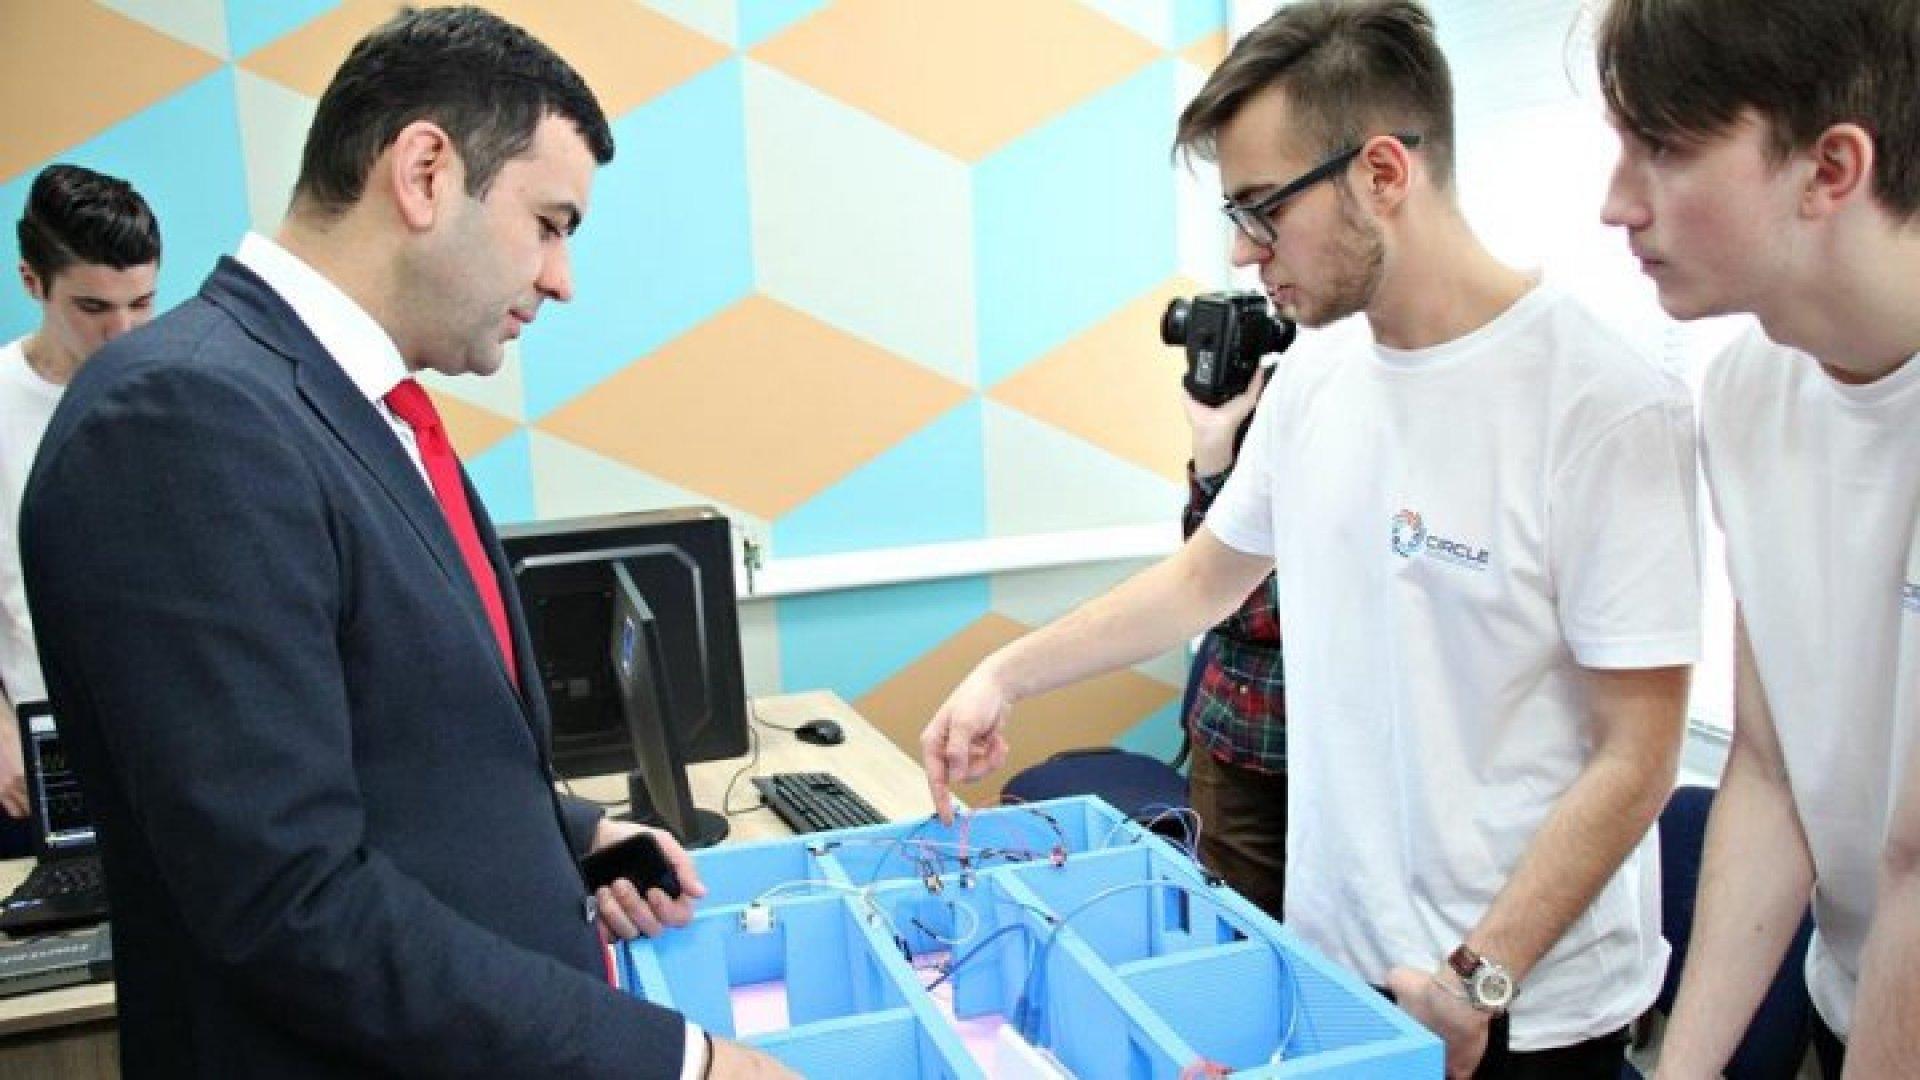 Chỉ có một số khoa ở trường Đại học Kỹ thuật  Moldova là được trang bị các thiết bị thí nghiệm tốt. Nguồn: trường Đại học Kỹ thuật Moldova.